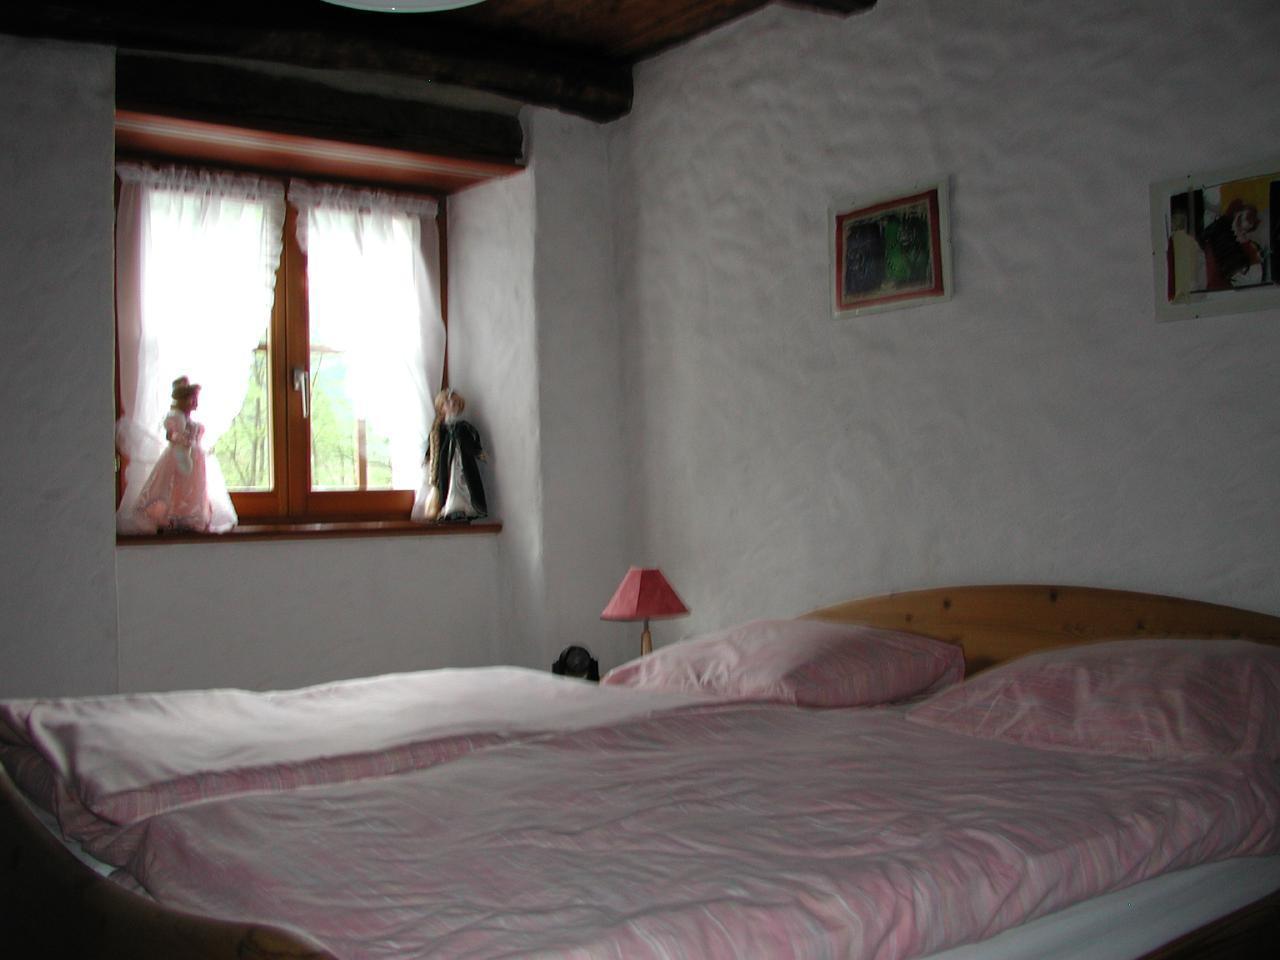 Ferienhaus Casa Aurelia Ferienhaus / Rustico (2024677), Coglio, Maggiatal, Tessin, Schweiz, Bild 7